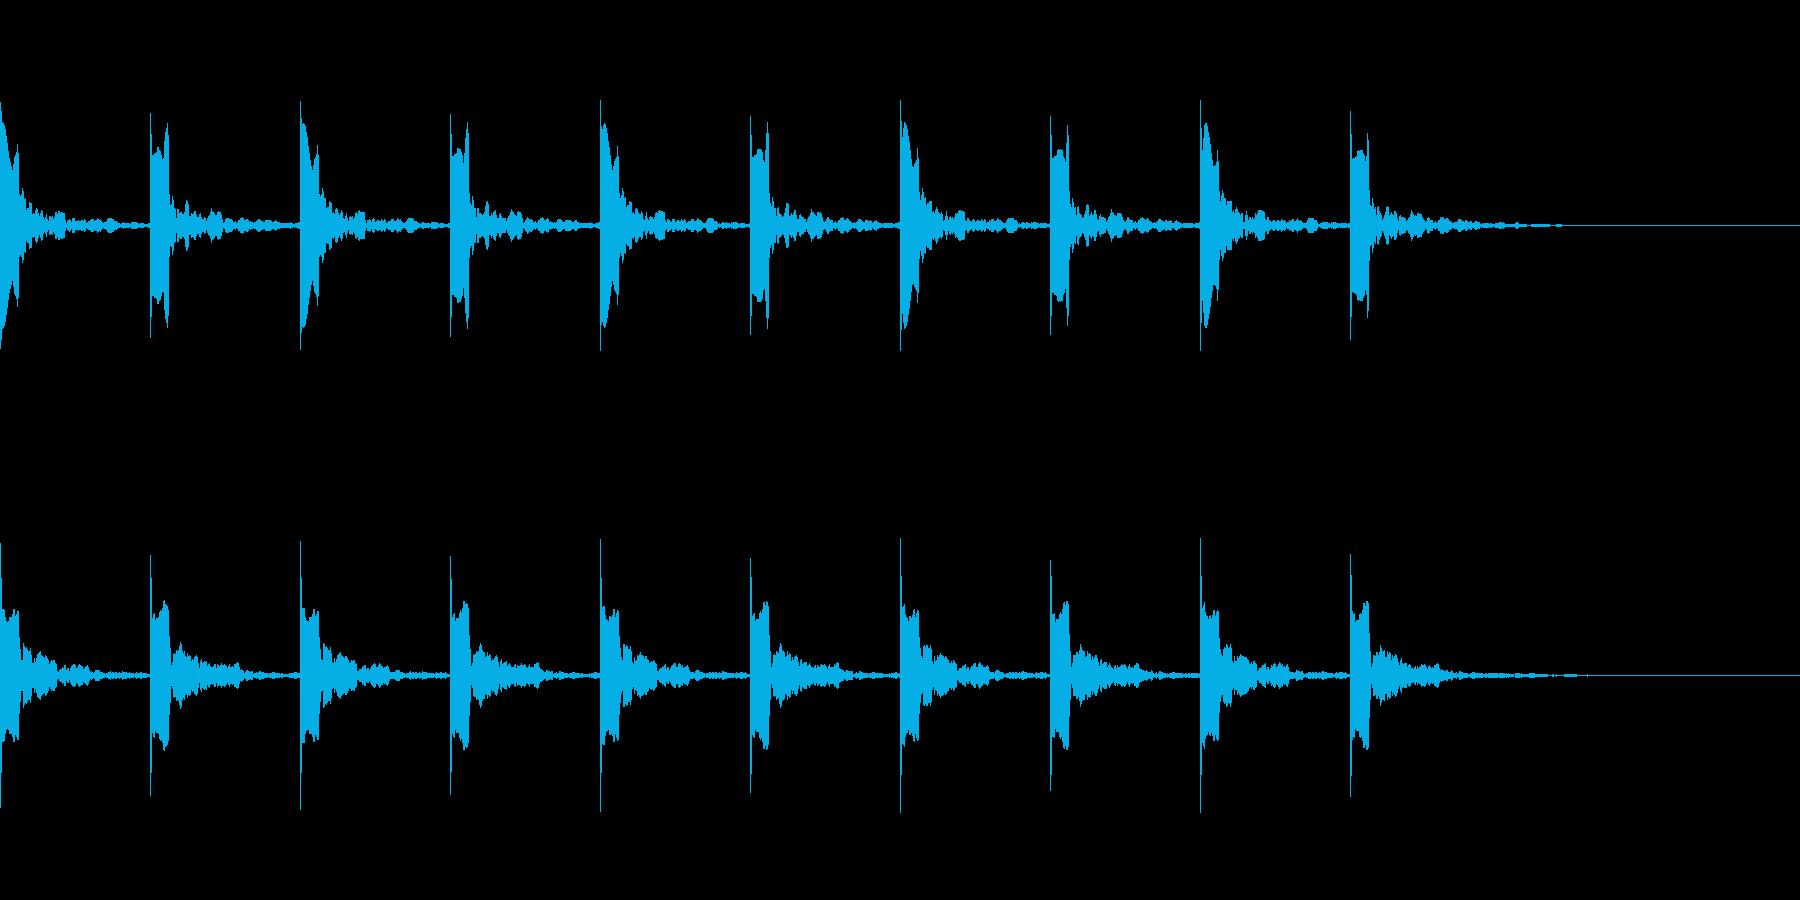 カウント10秒シンプル ピッピ の再生済みの波形